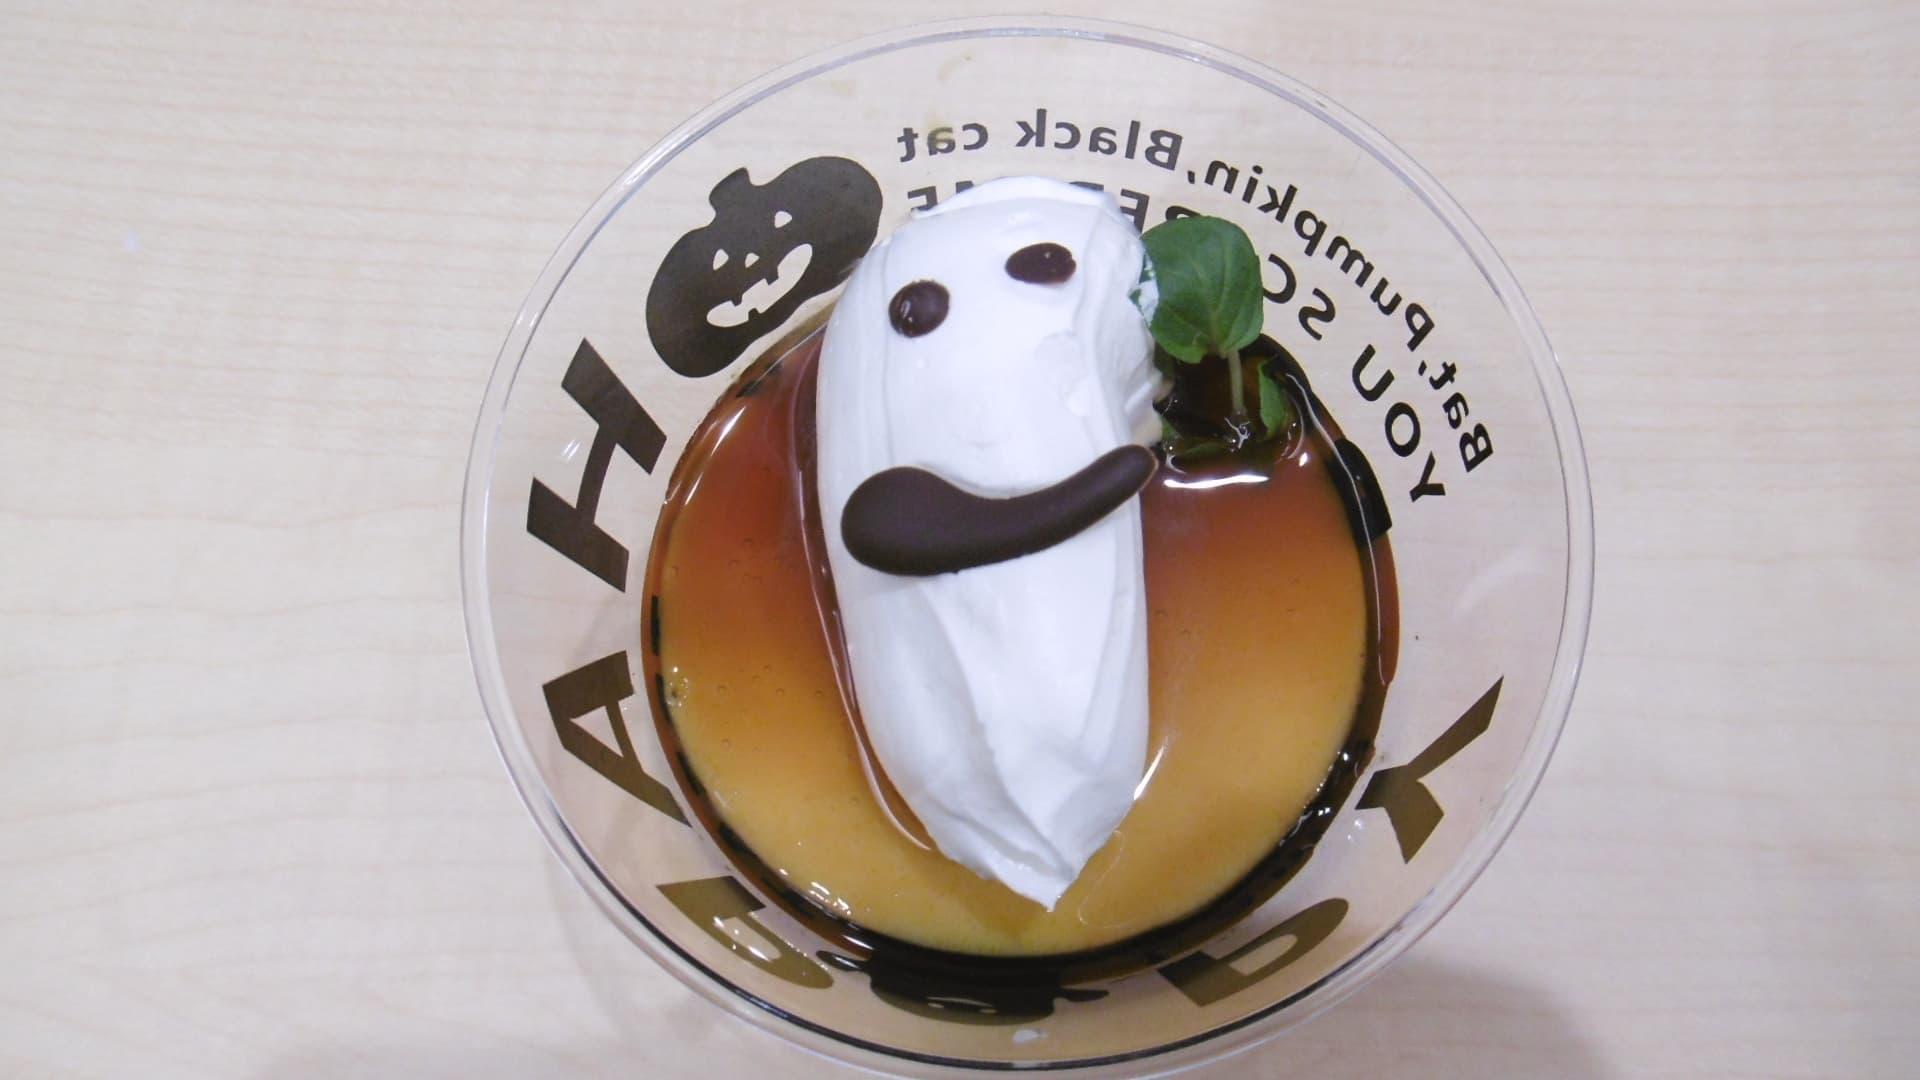 ハロウィンにちなんだパンプキンプリンやパンプキンケーキなどを提供する喫茶店を臨時オープン!